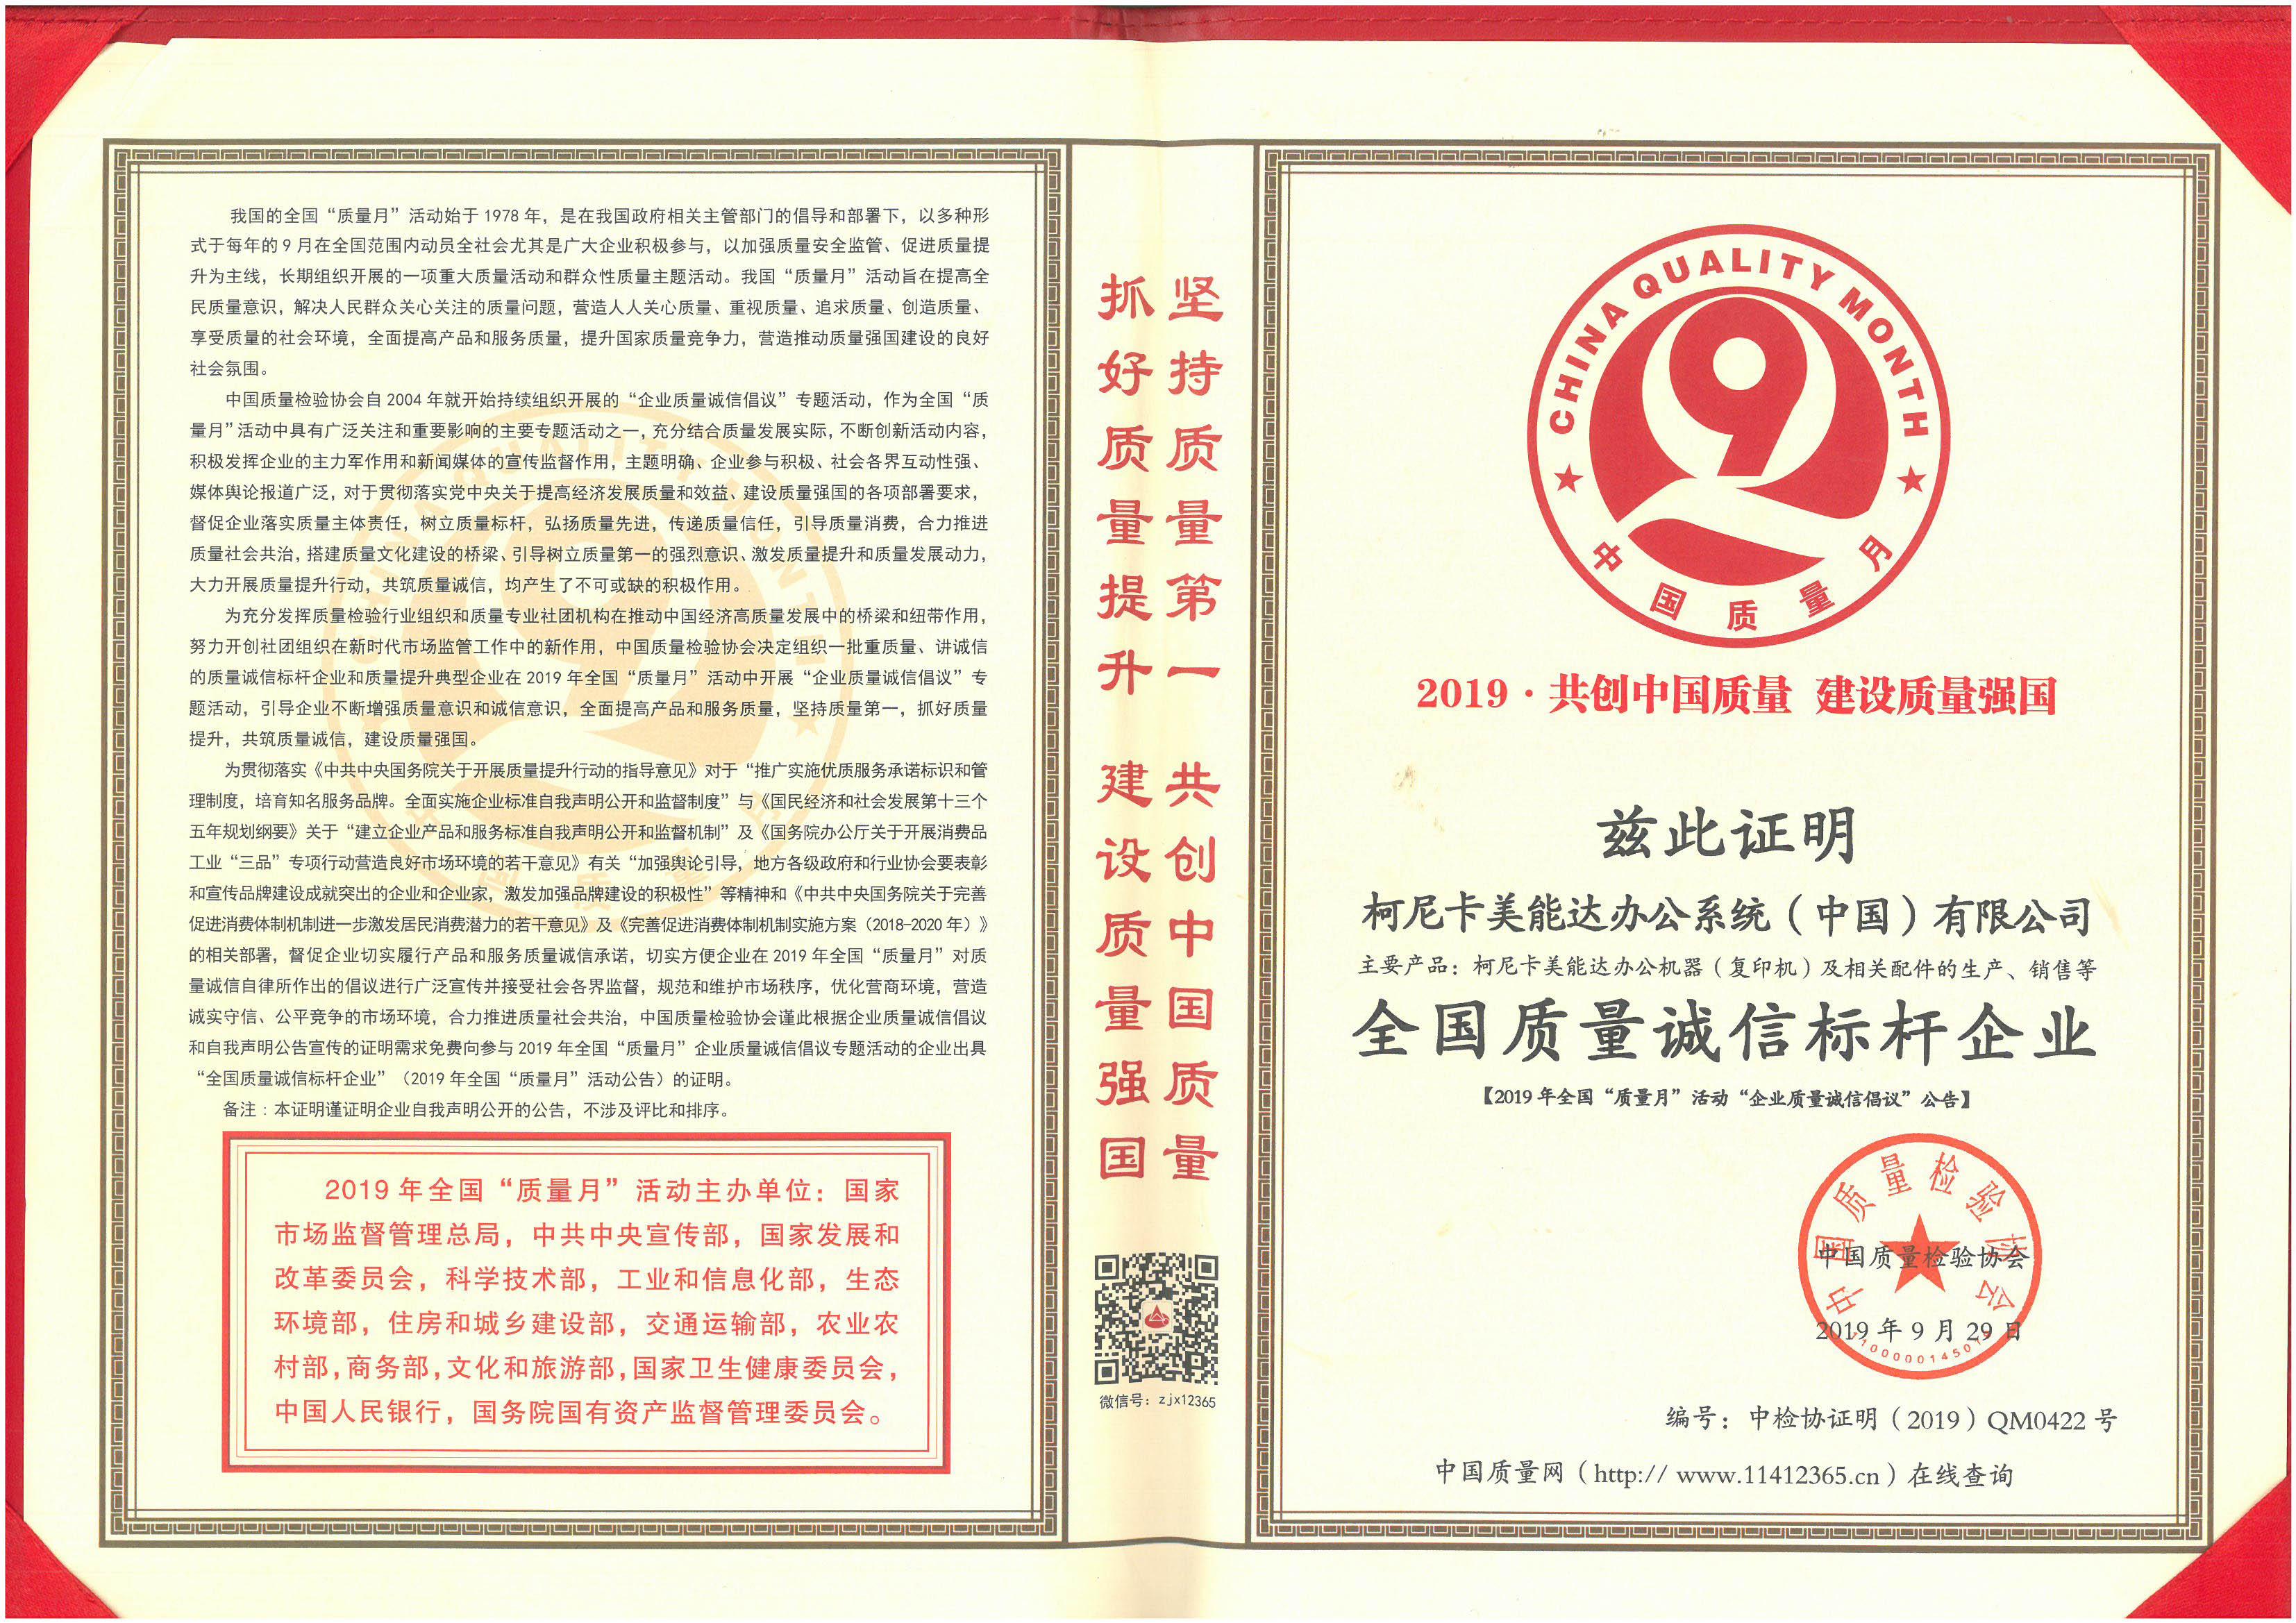 5-中国质量检验协会-2019全国质量诚信标杆企业.jpg